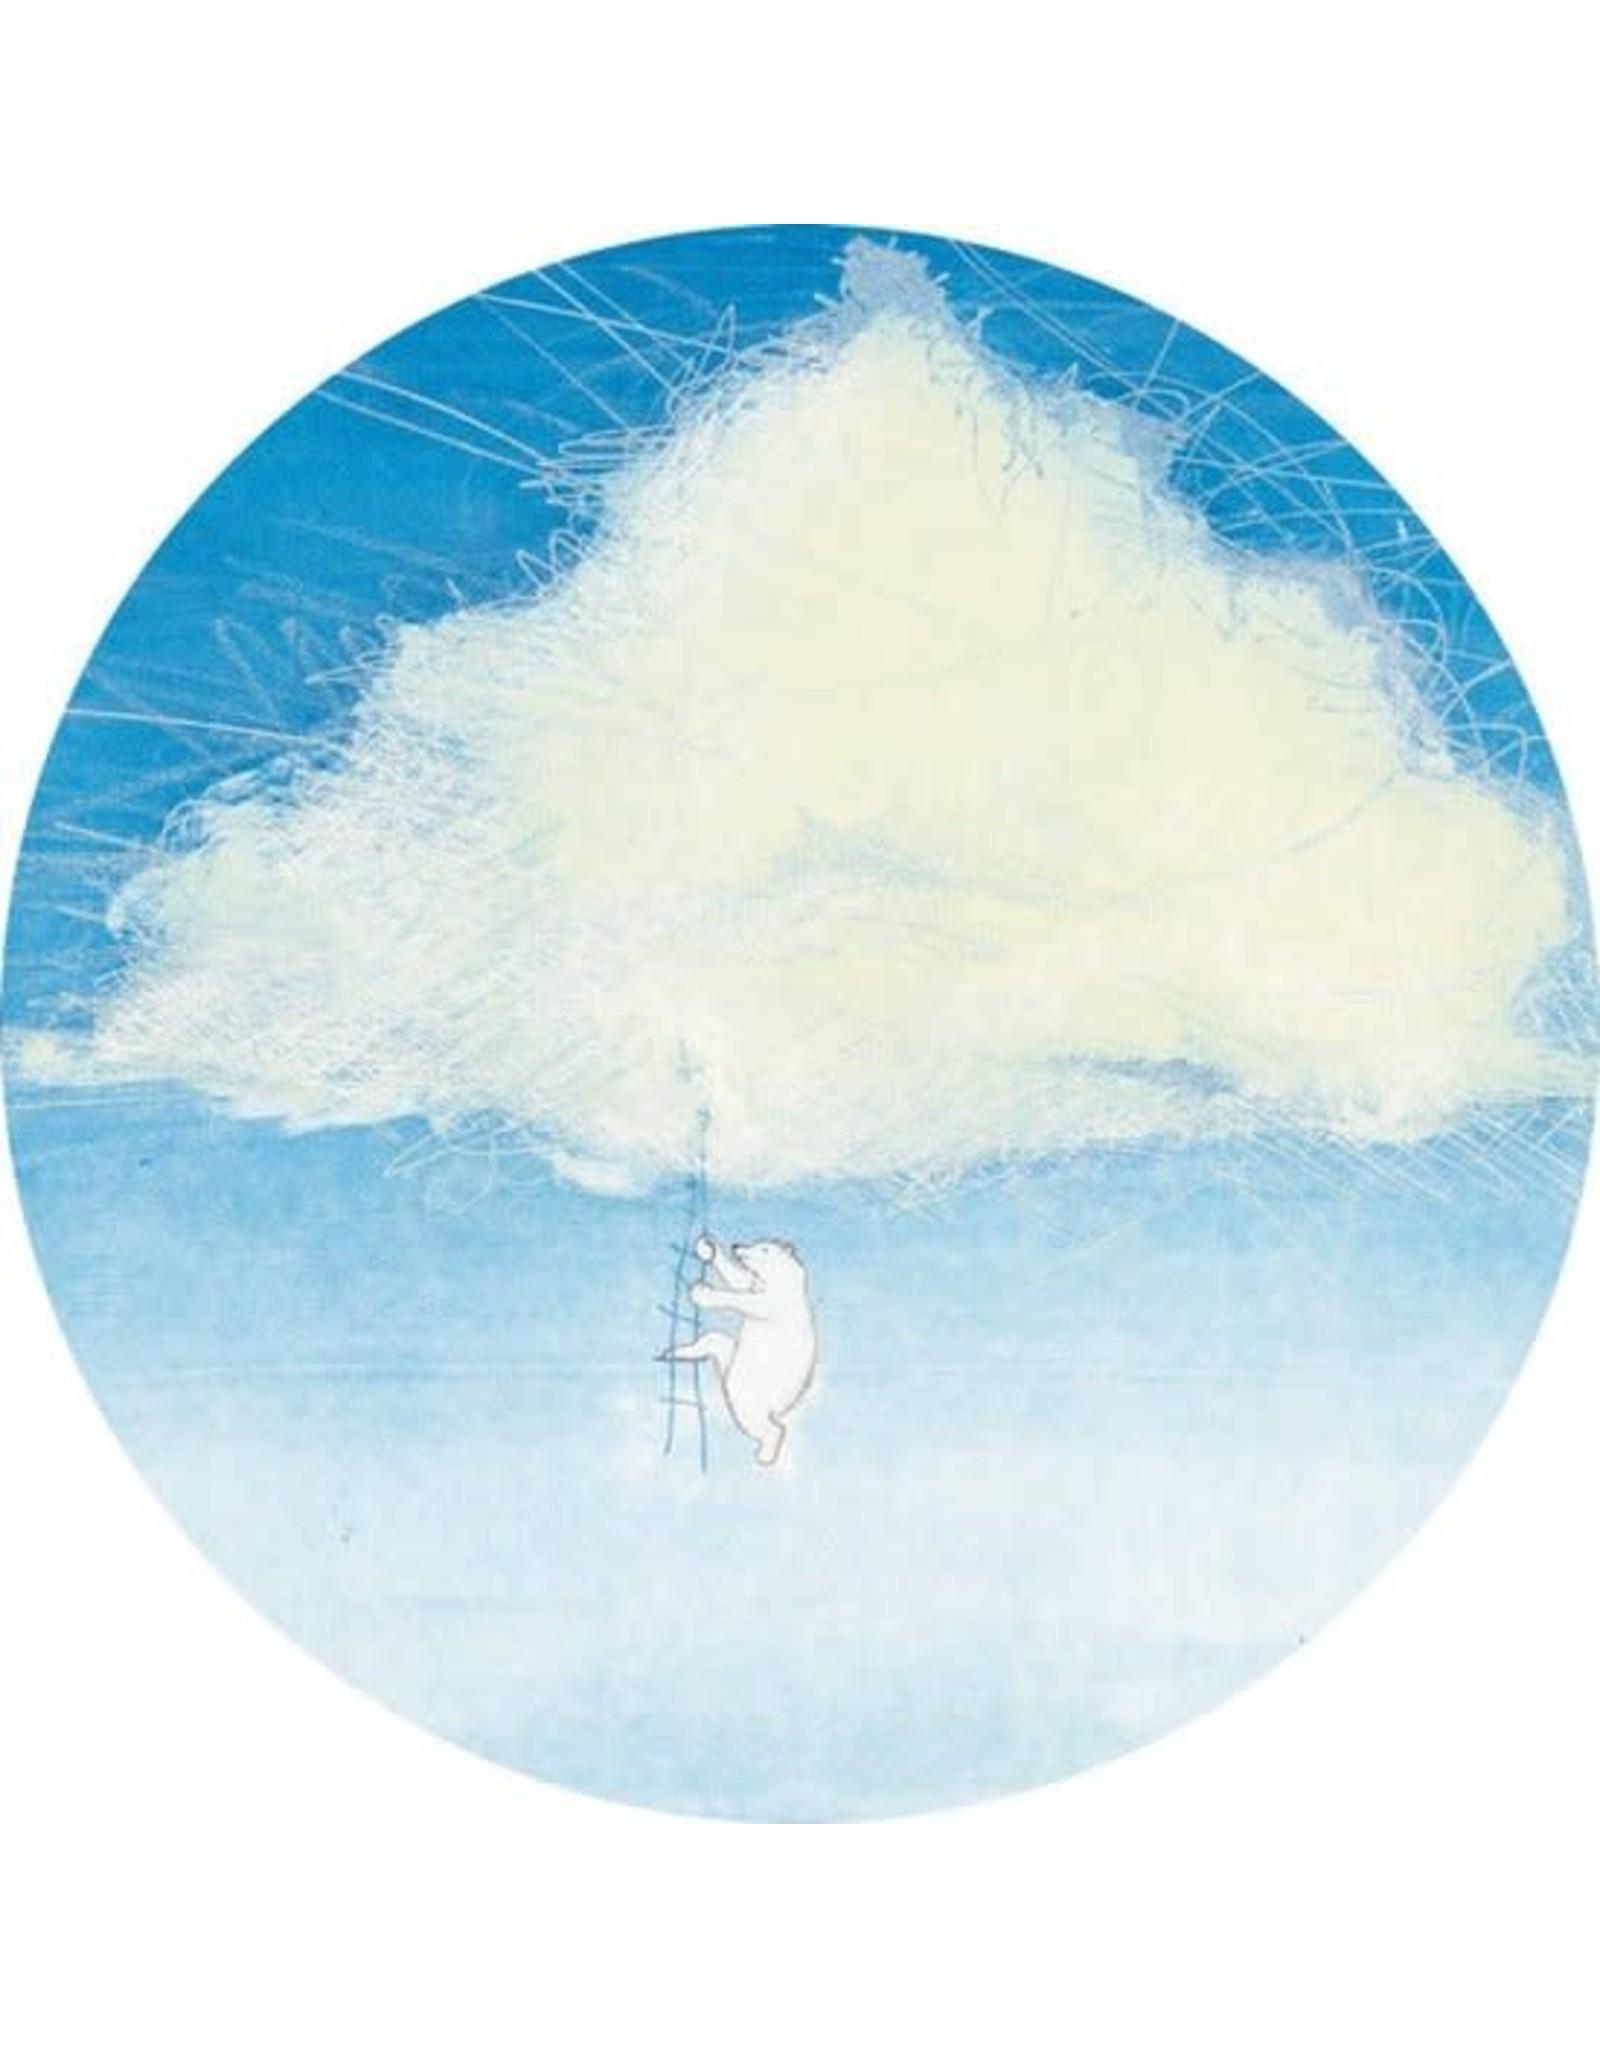 Kek Amsterdam Behangcirkel Climbing the Clouds, ø 190 cm